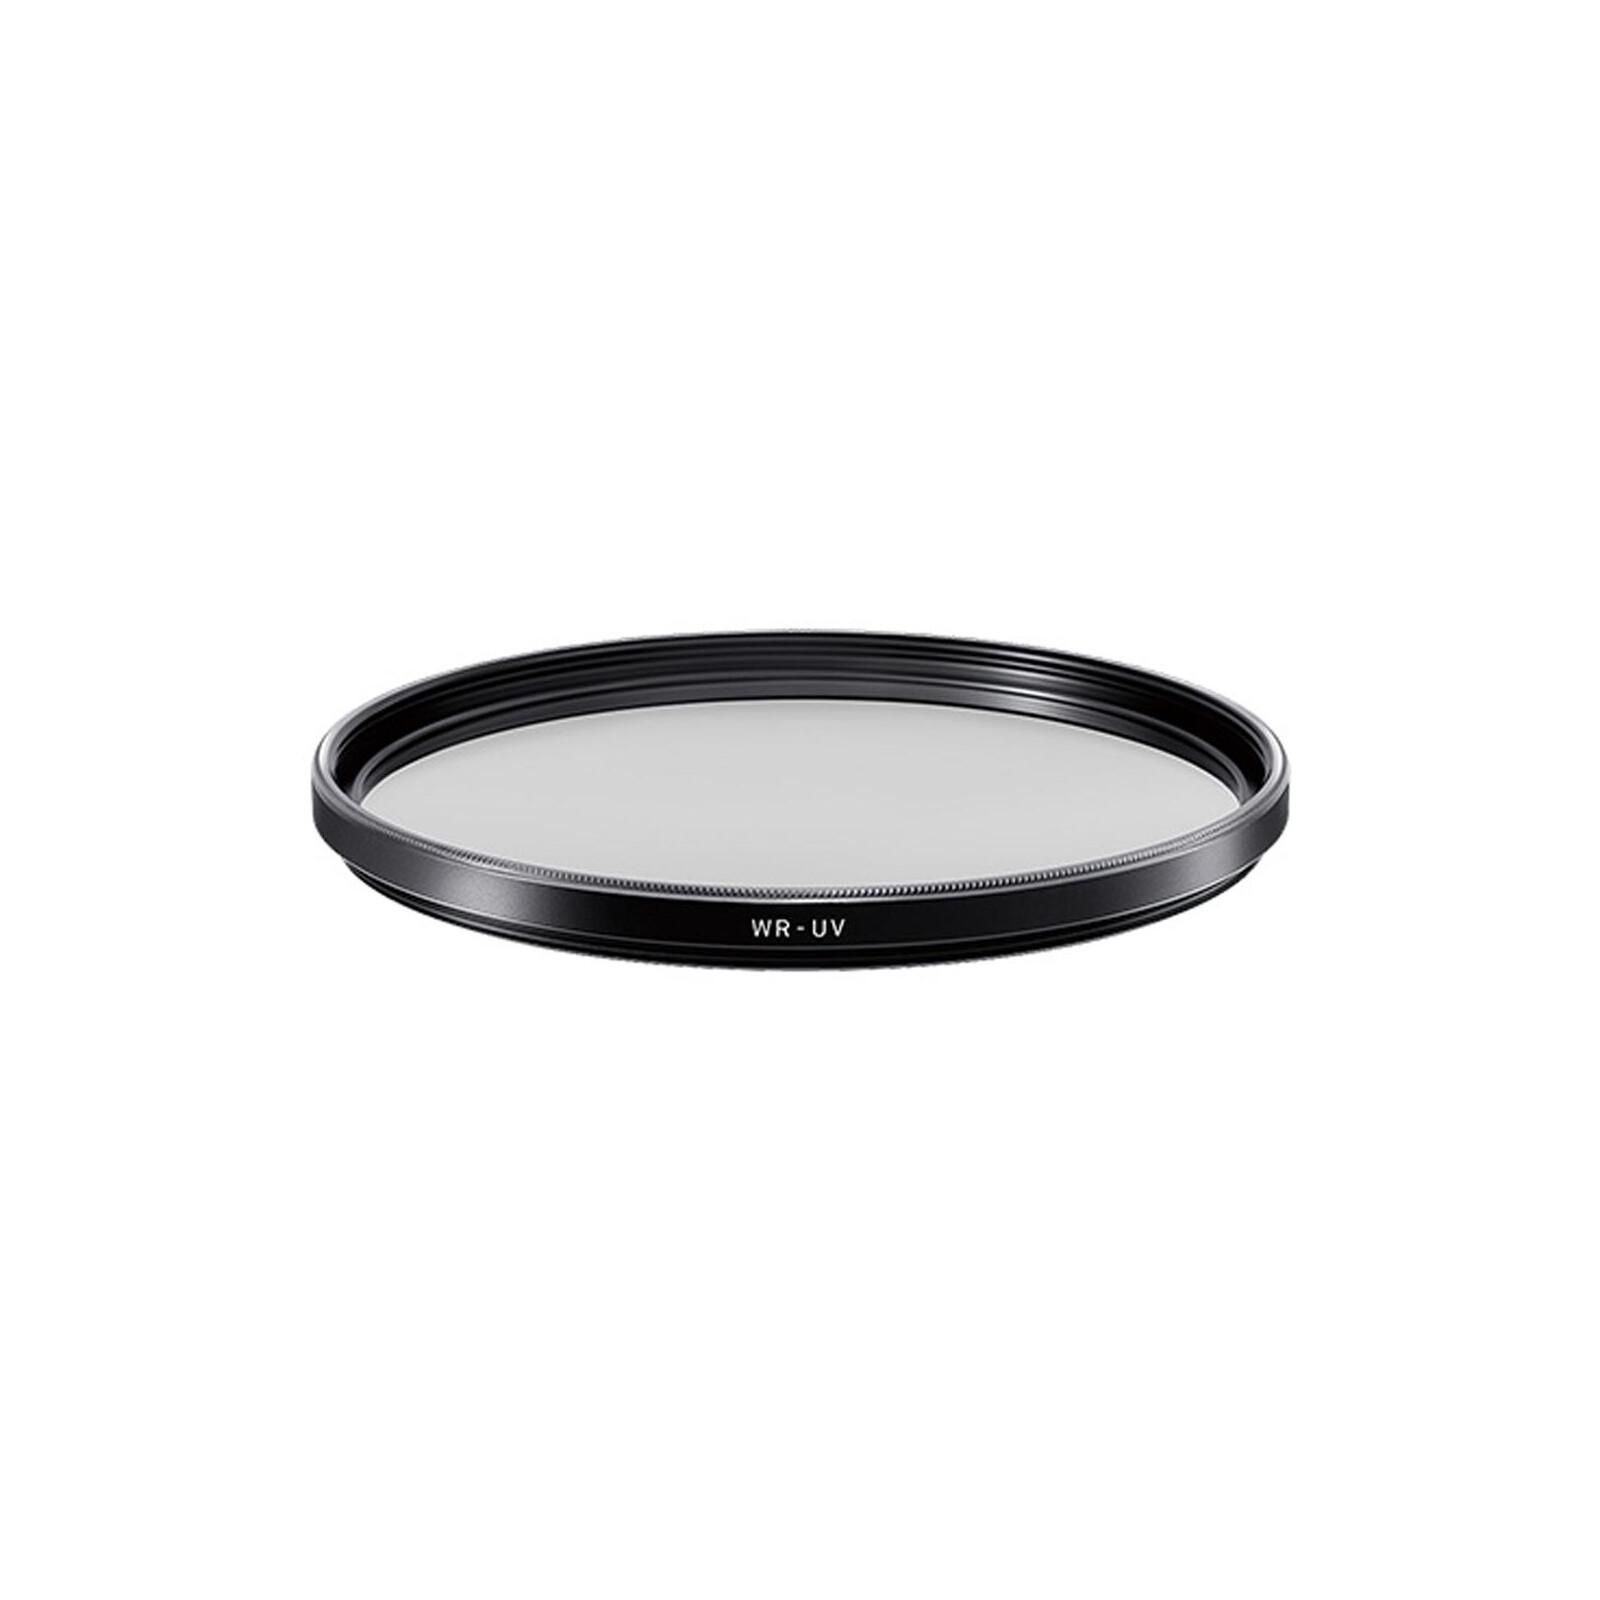 Sigma WR UV Filter 58mm